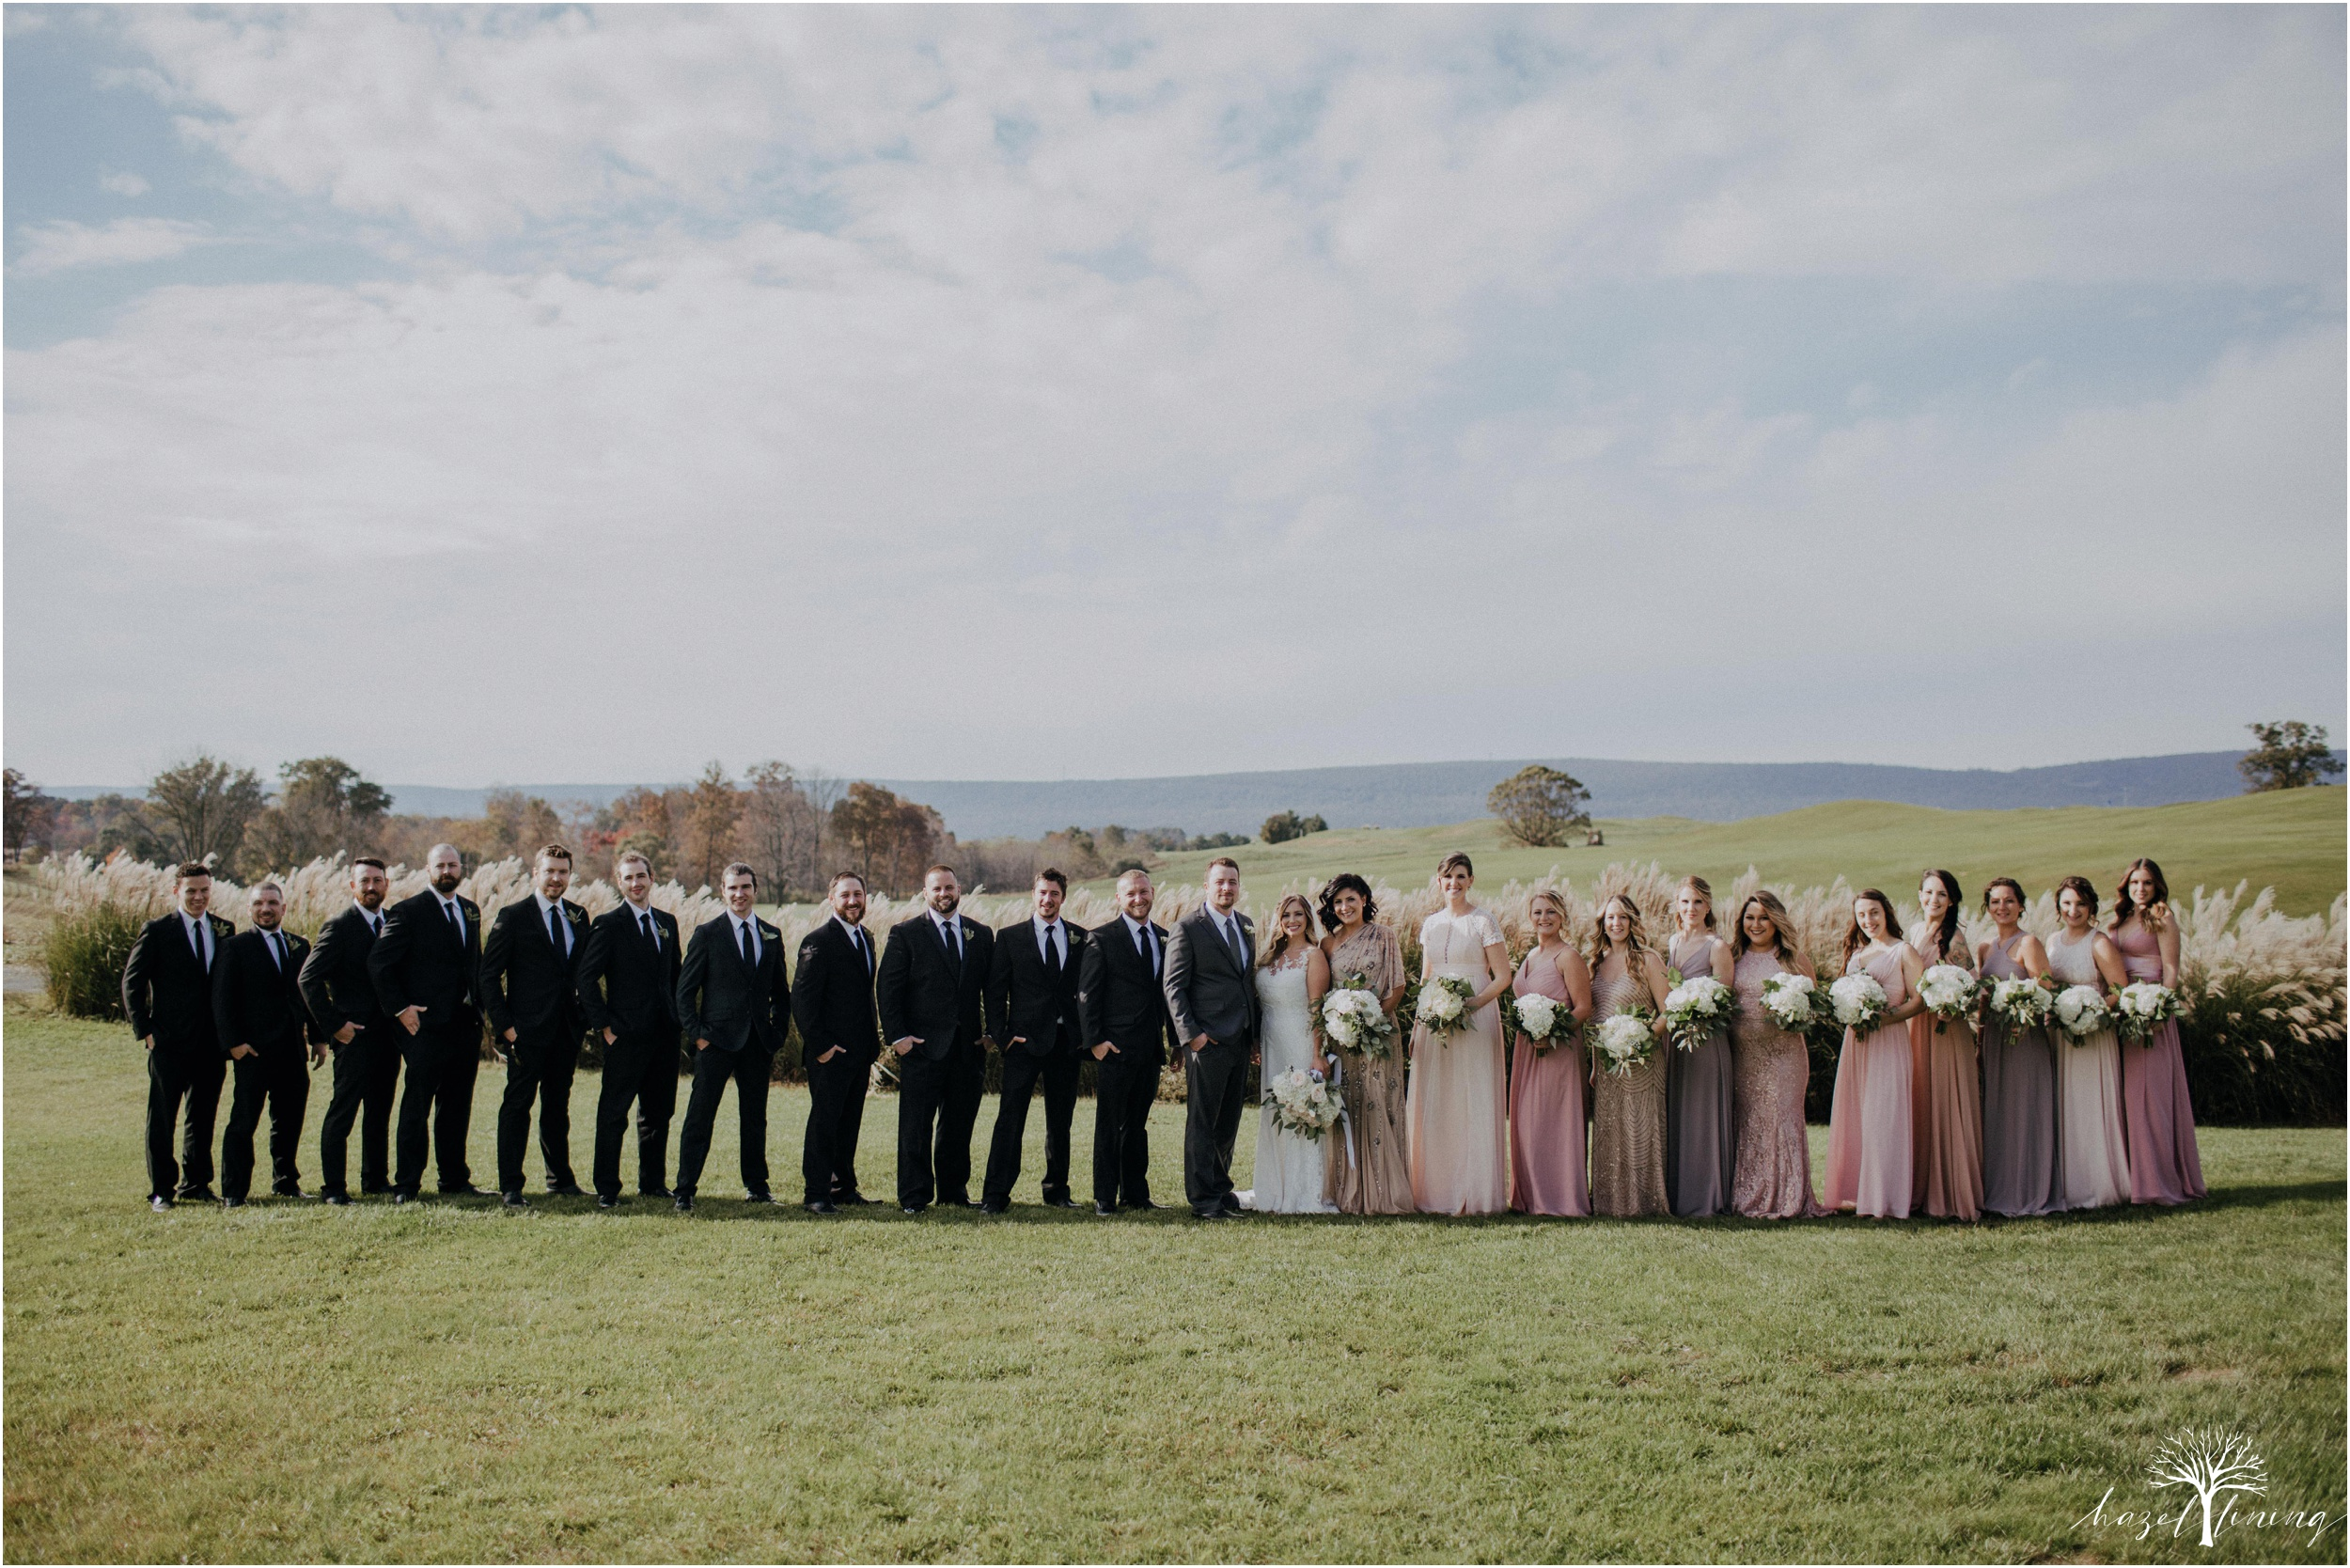 jessie-martin-zach-umlauf-olde-homestead-golfclub-outdoor-autumn-wedding_0080.jpg